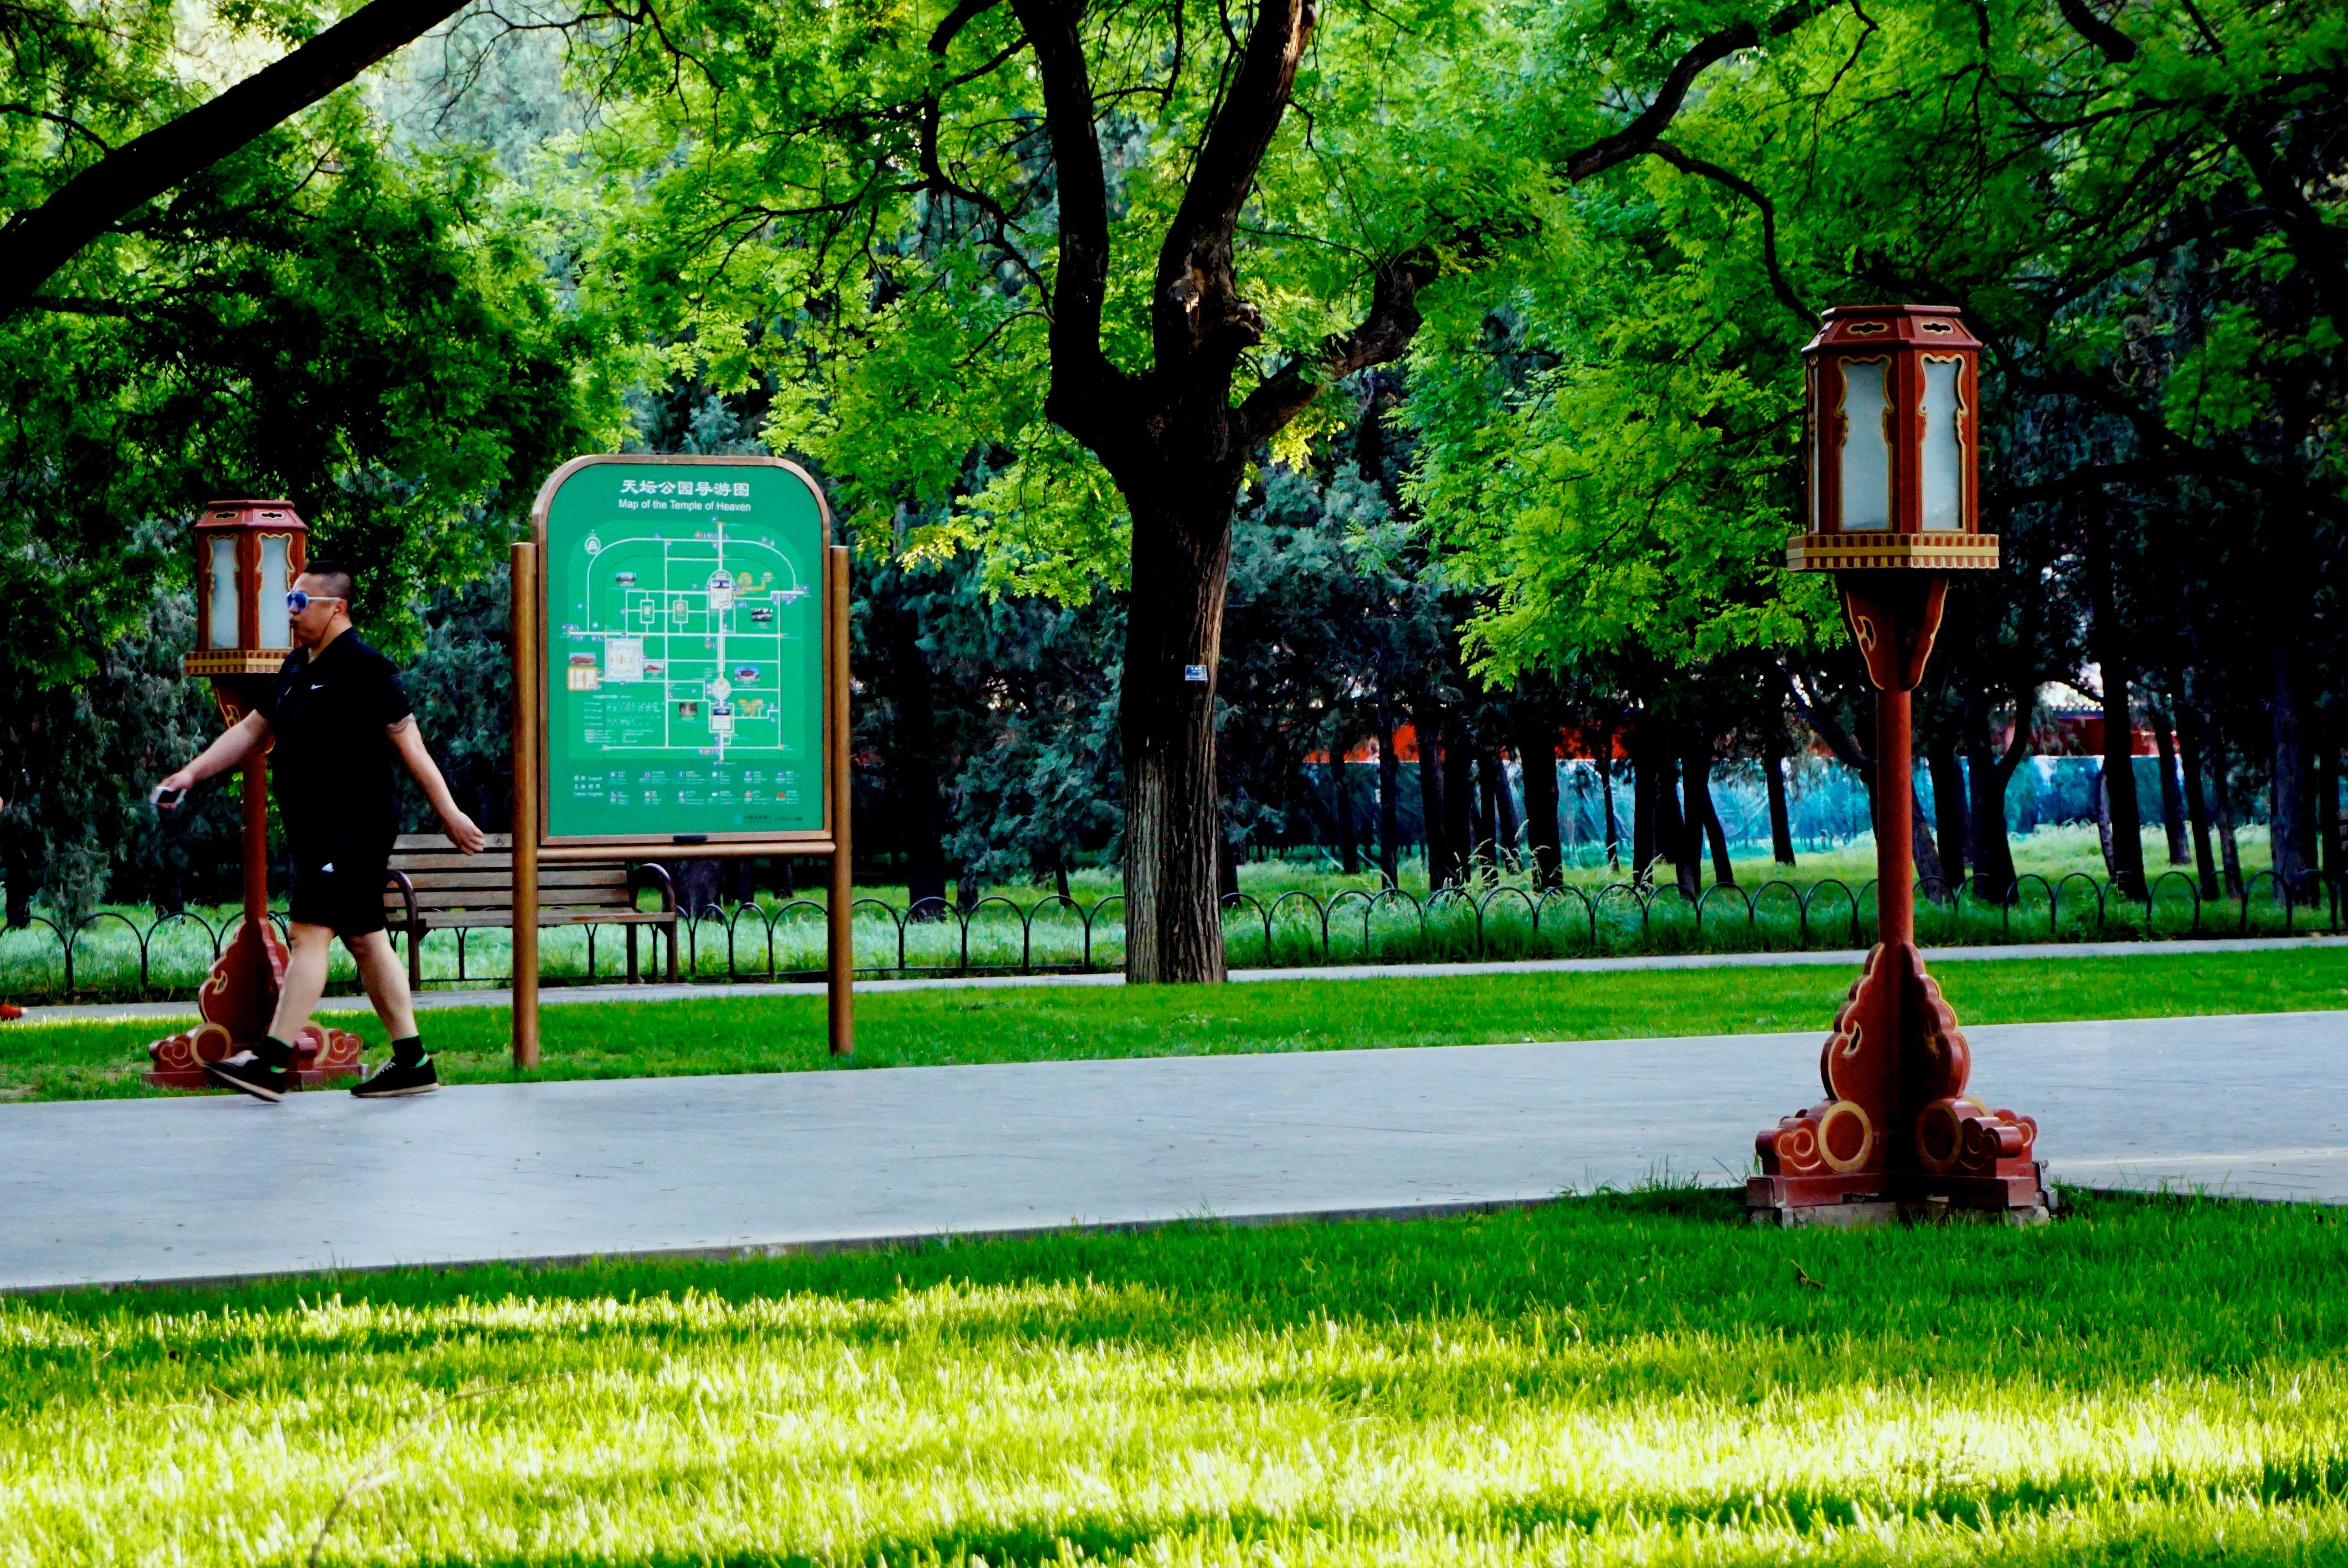 Gratuites arbre herbe pelouse ville des loisirs vert